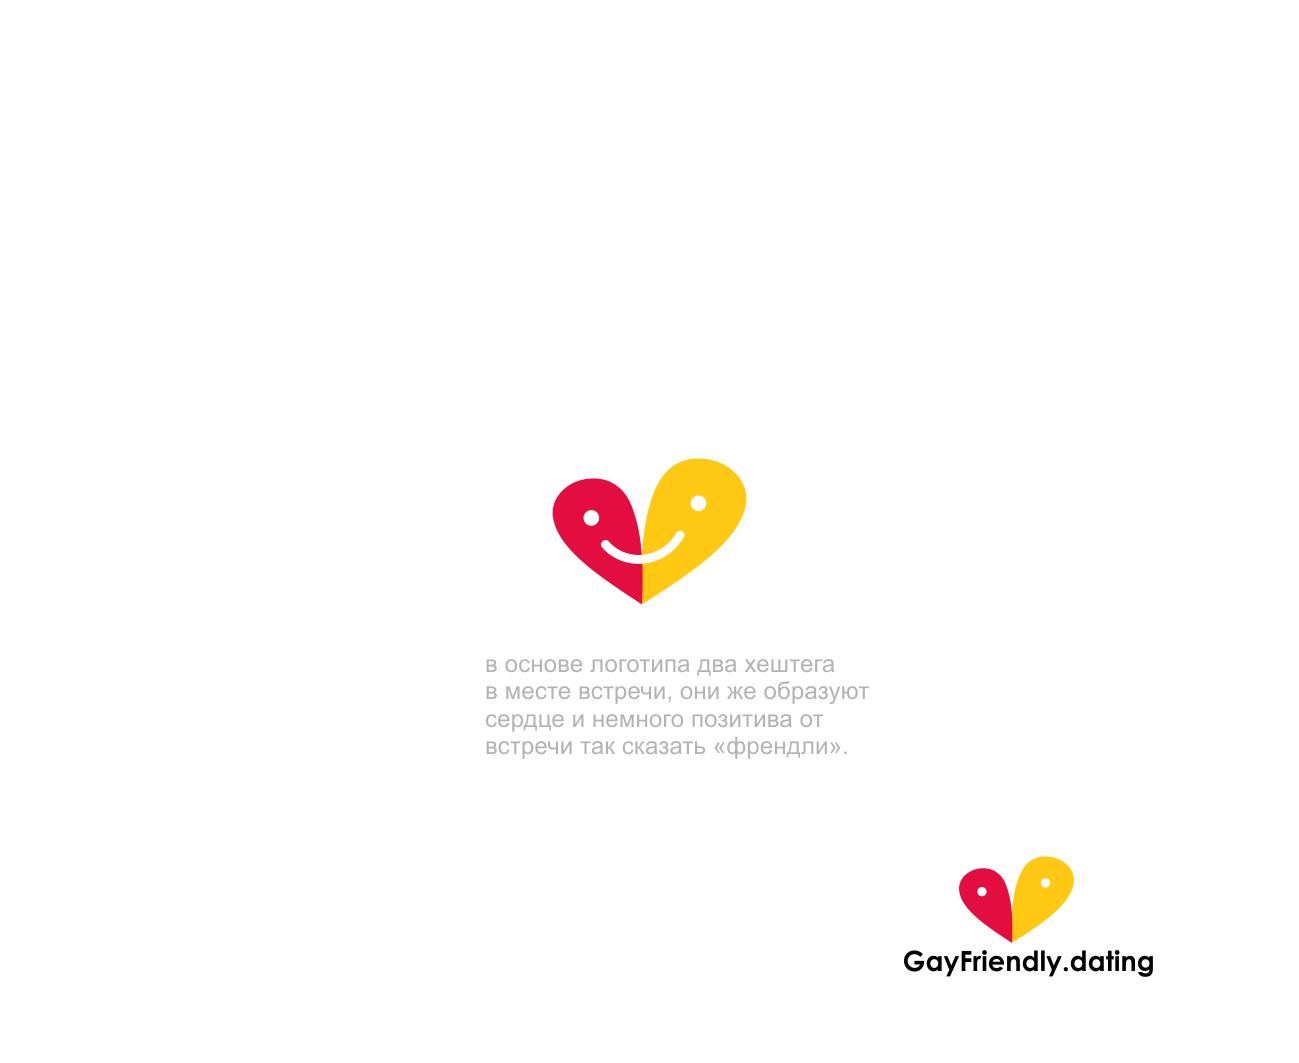 Разработать логотип для англоязычн. сайта знакомств для геев фото f_1175b4663c2e9c11.png